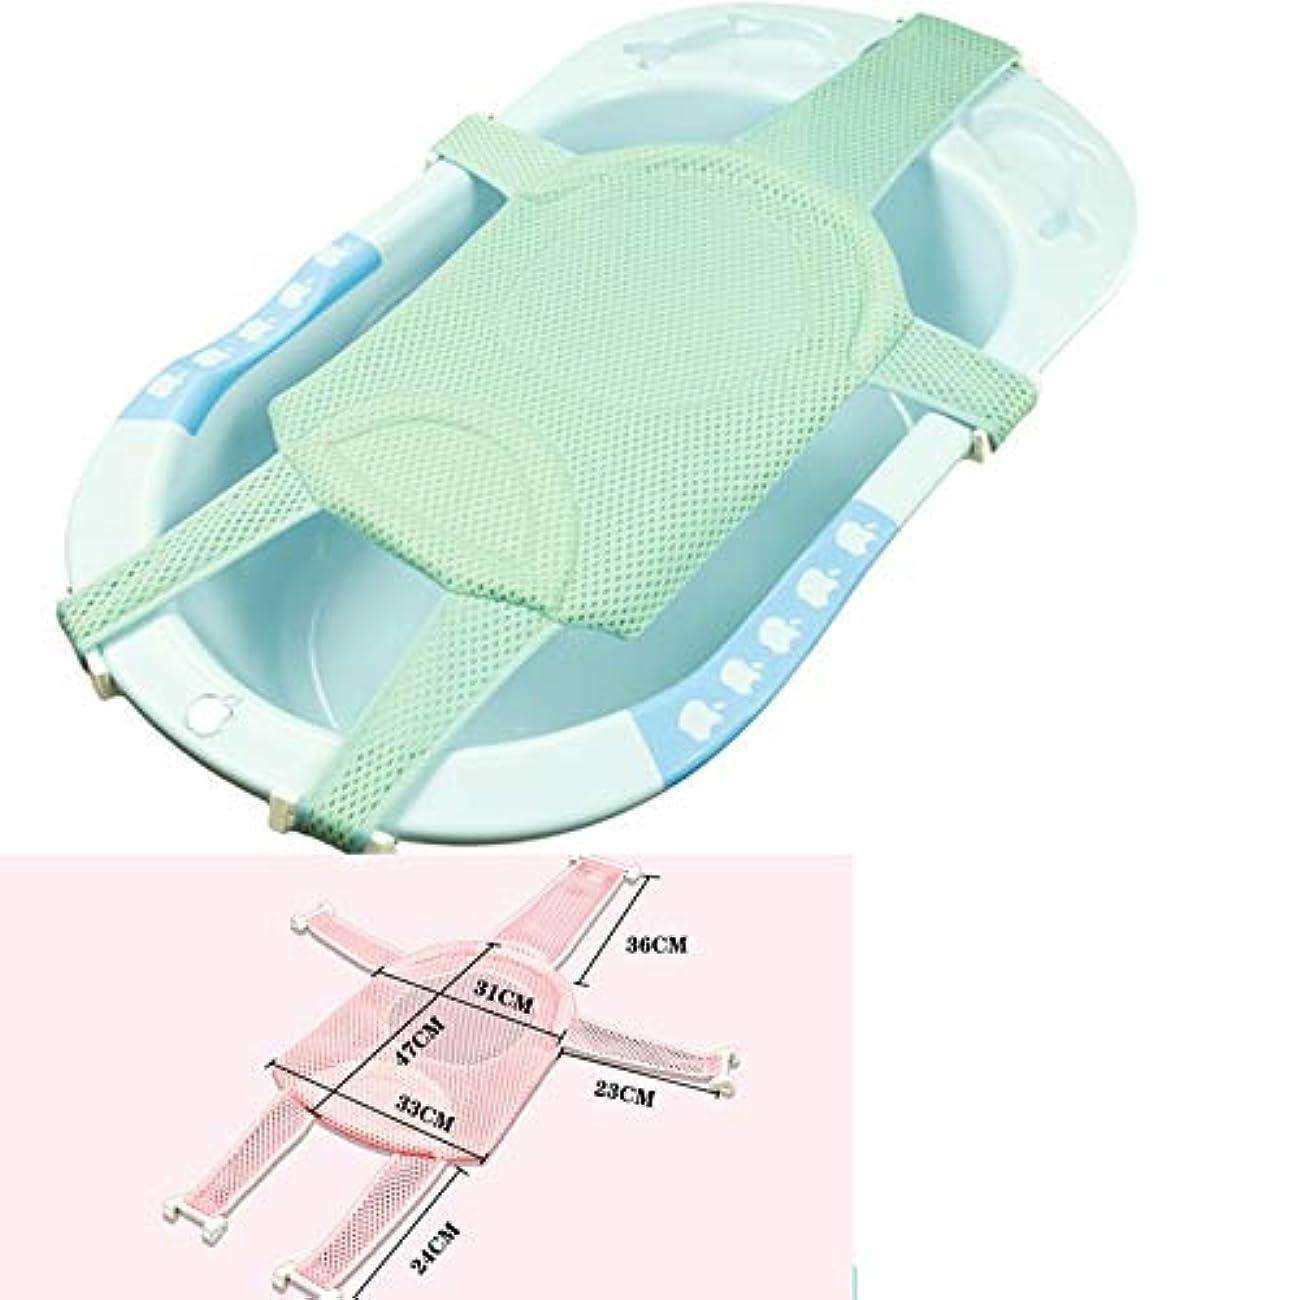 月カウンタ診療所SMART 漫画ポータブル赤ちゃんノンスリップバスタブシャワー浴槽マット新生児安全セキュリティバスエアクッション折りたたみソフト枕シート クッション 椅子